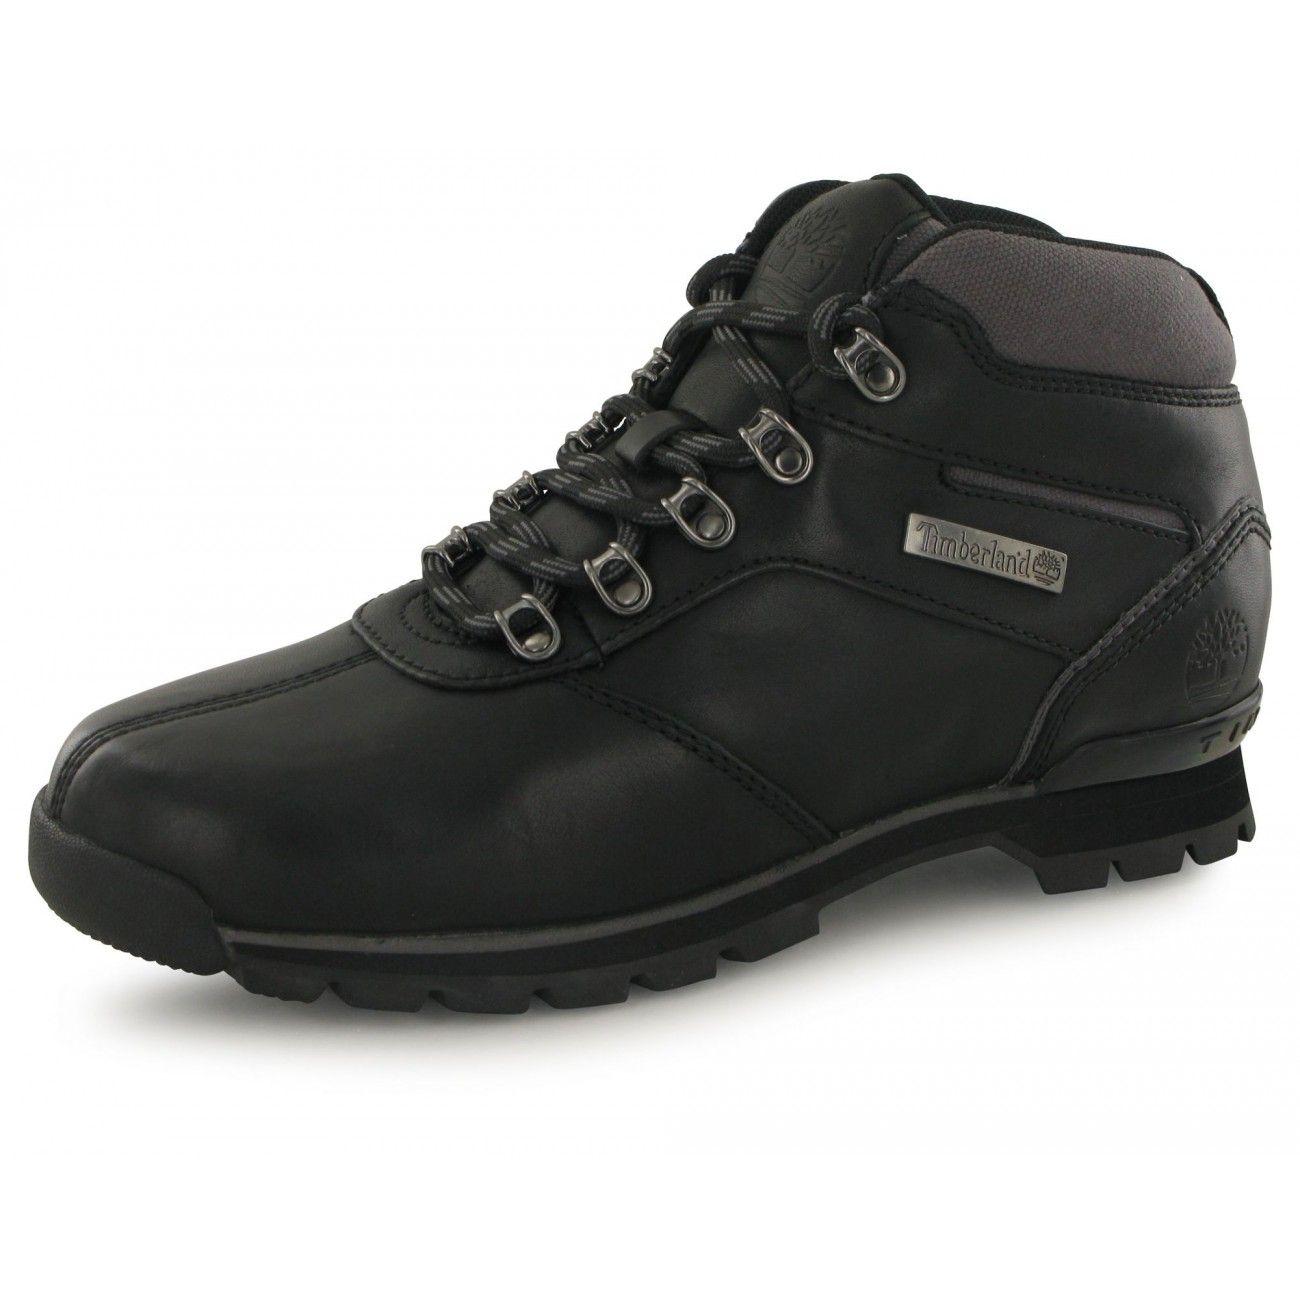 Timberland Splitrock 2 noir, boots homme – achat et prix pas cher - Go Sport